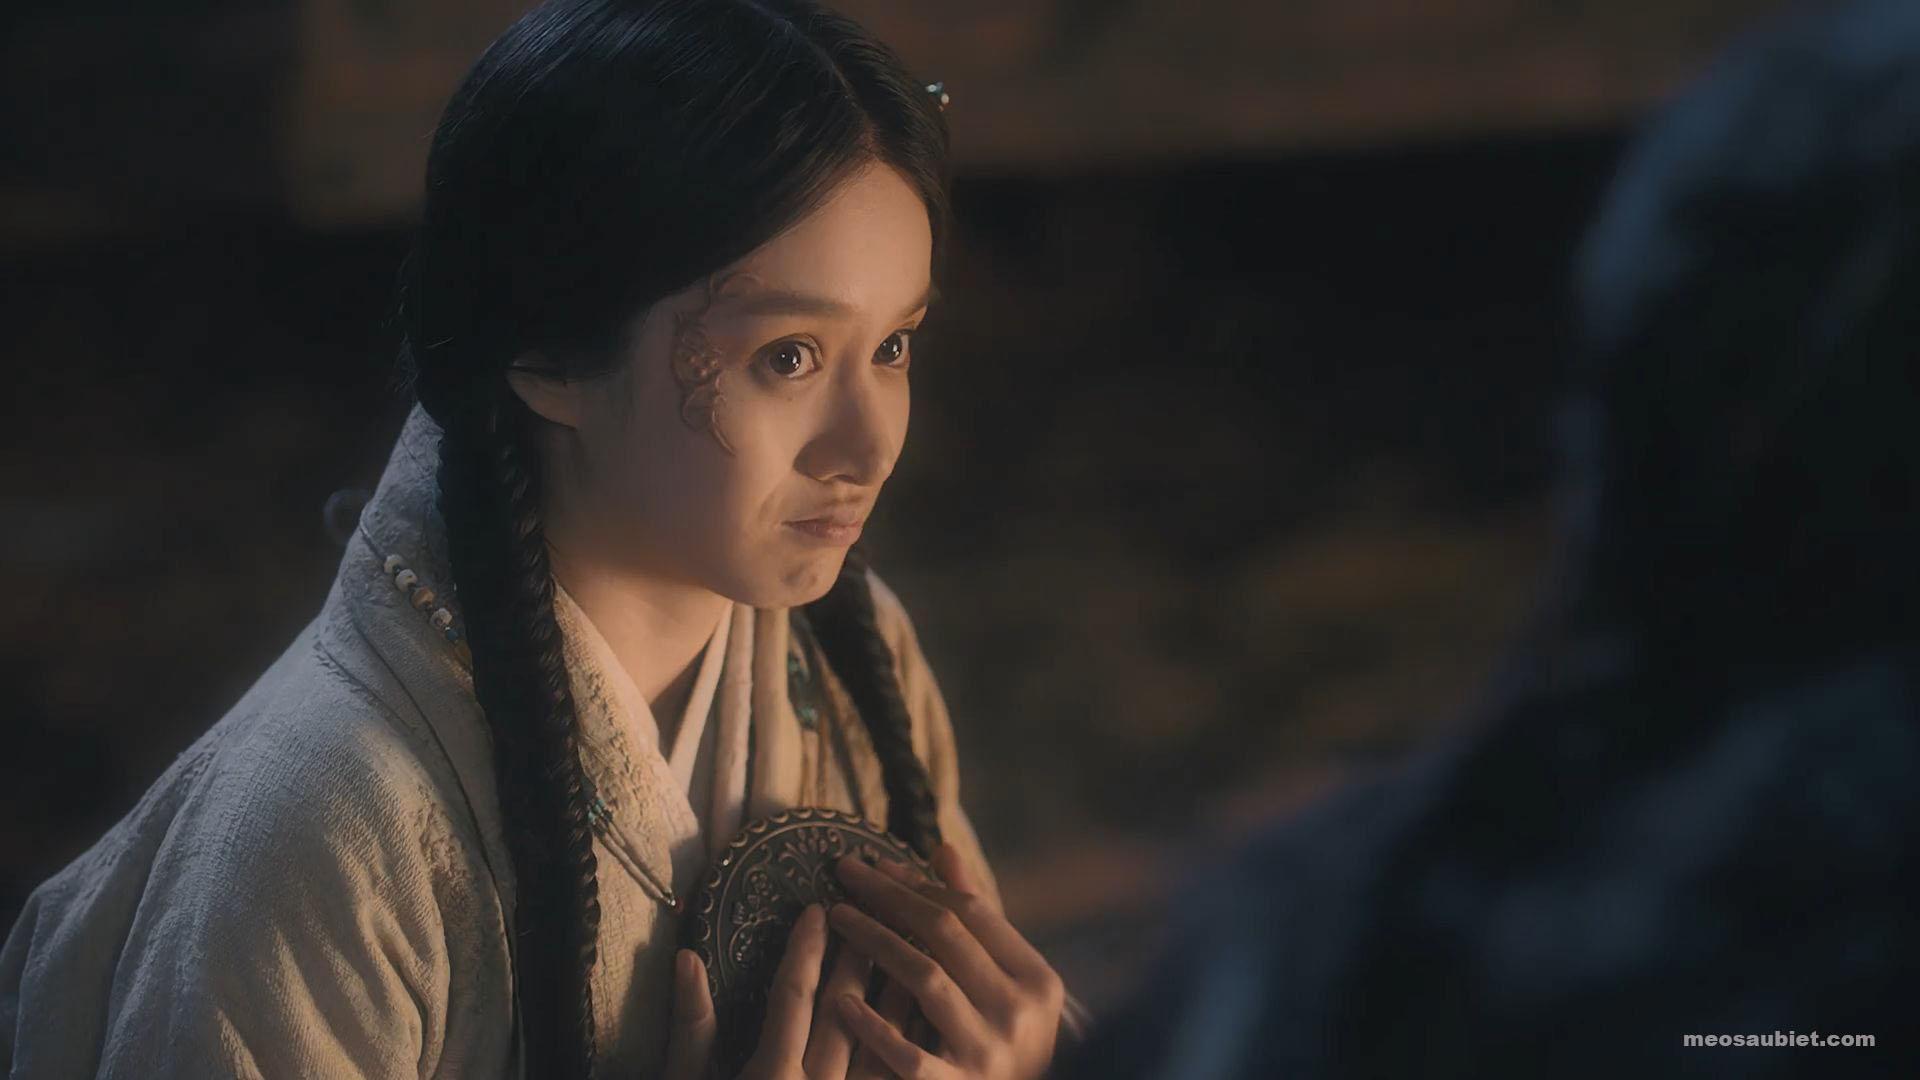 Cửu châu phiêu miểu lục 2019 Lục Nghiên Kỳ trong vai Tô Mã